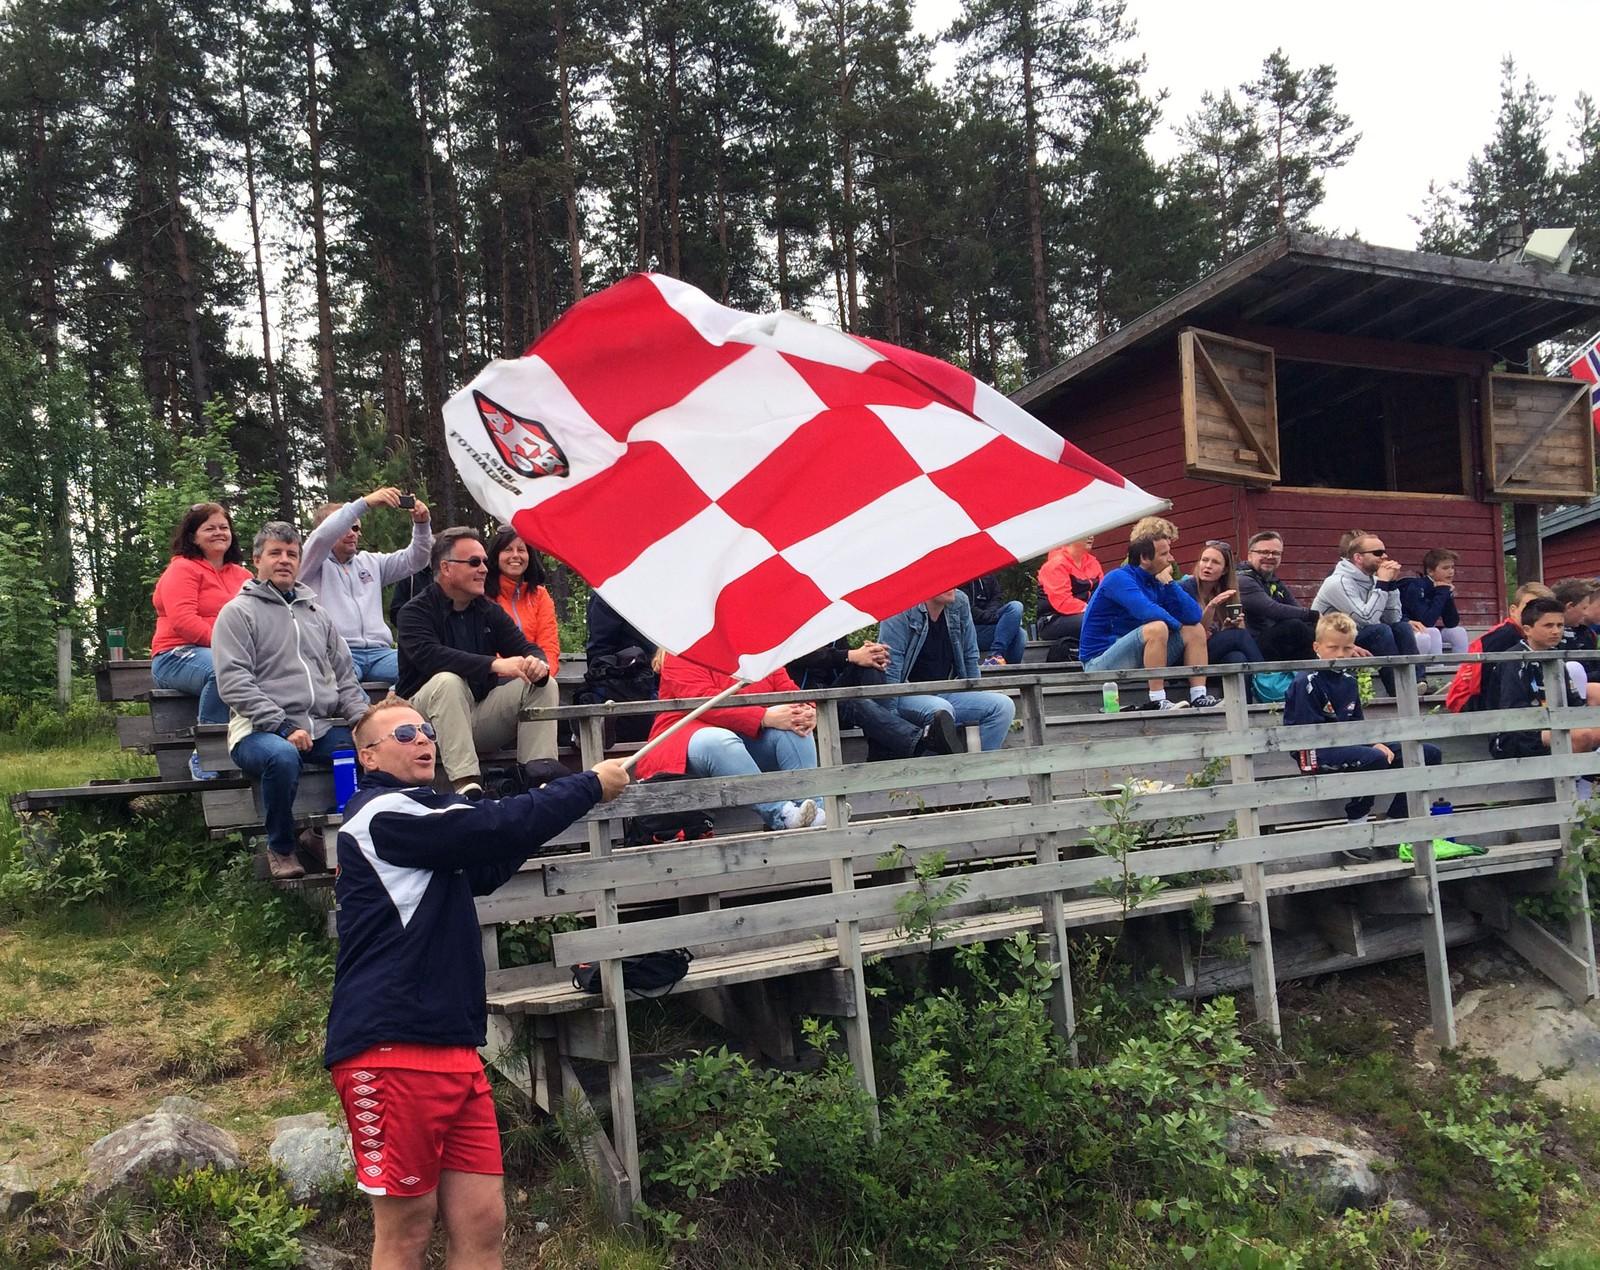 FLAGGAR FOR ASKØY: Pappa Erlend Aasbø og resten av delegasjonen frå Askøy heiar fram spelarane sine.